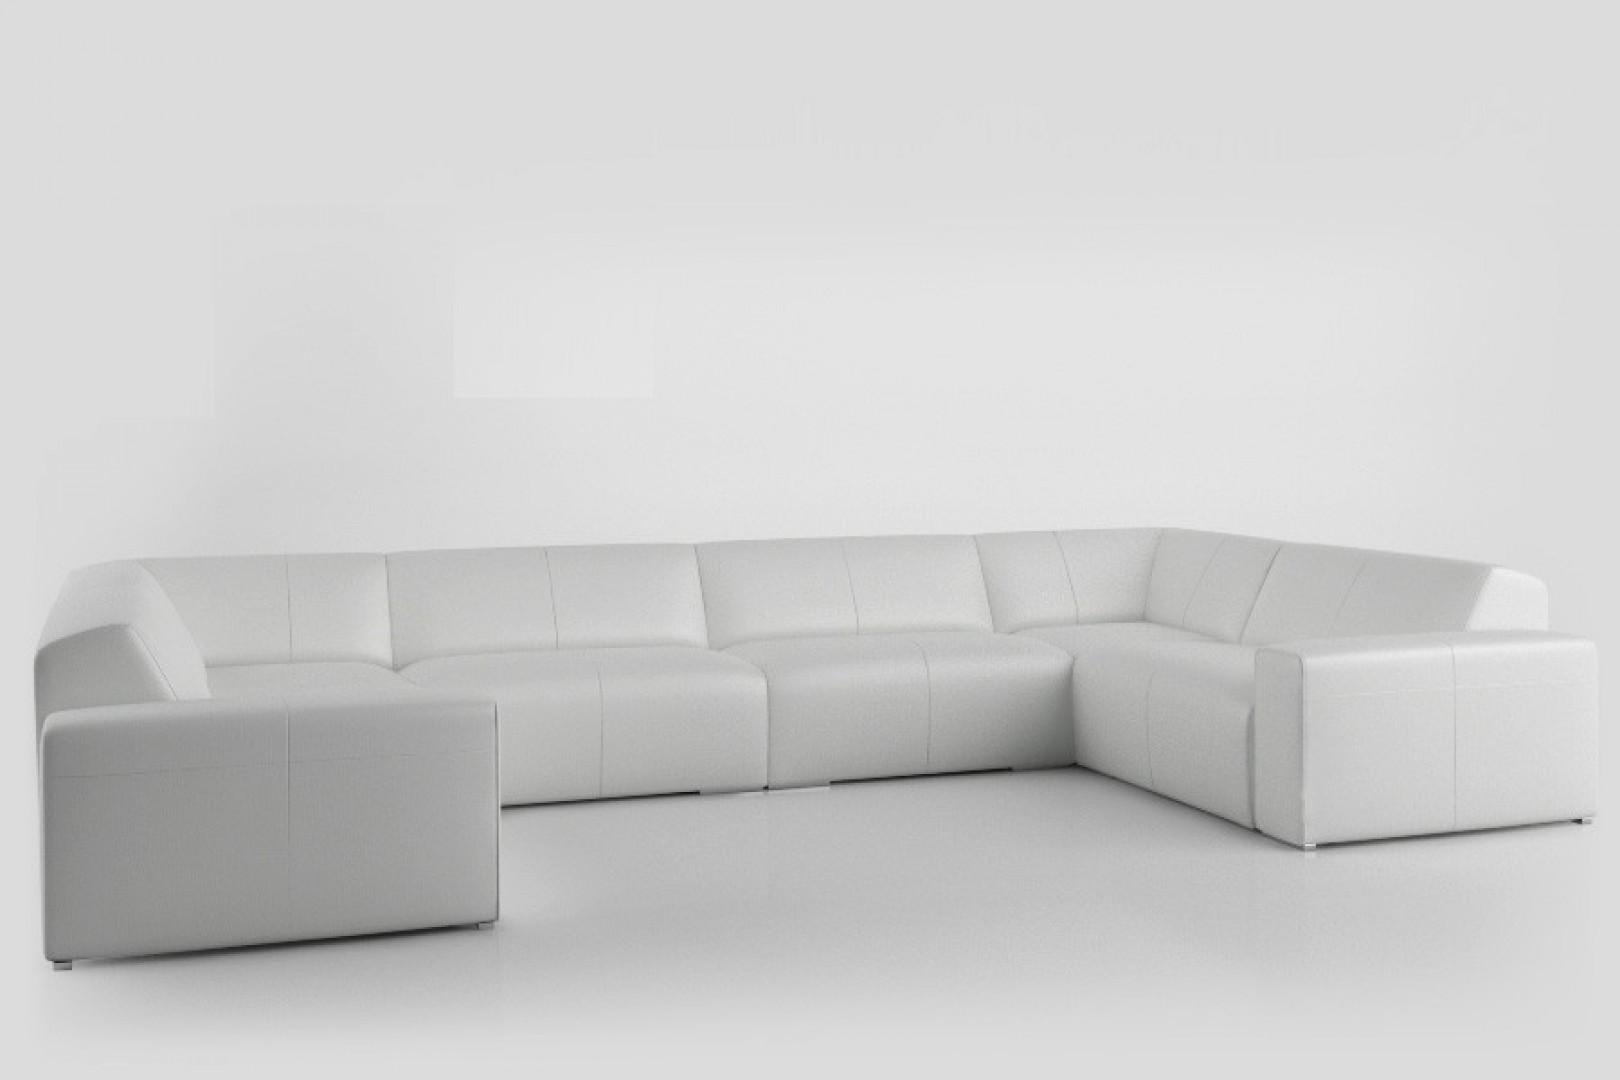 Sofa Contenza. Fot. Adriana Furniture